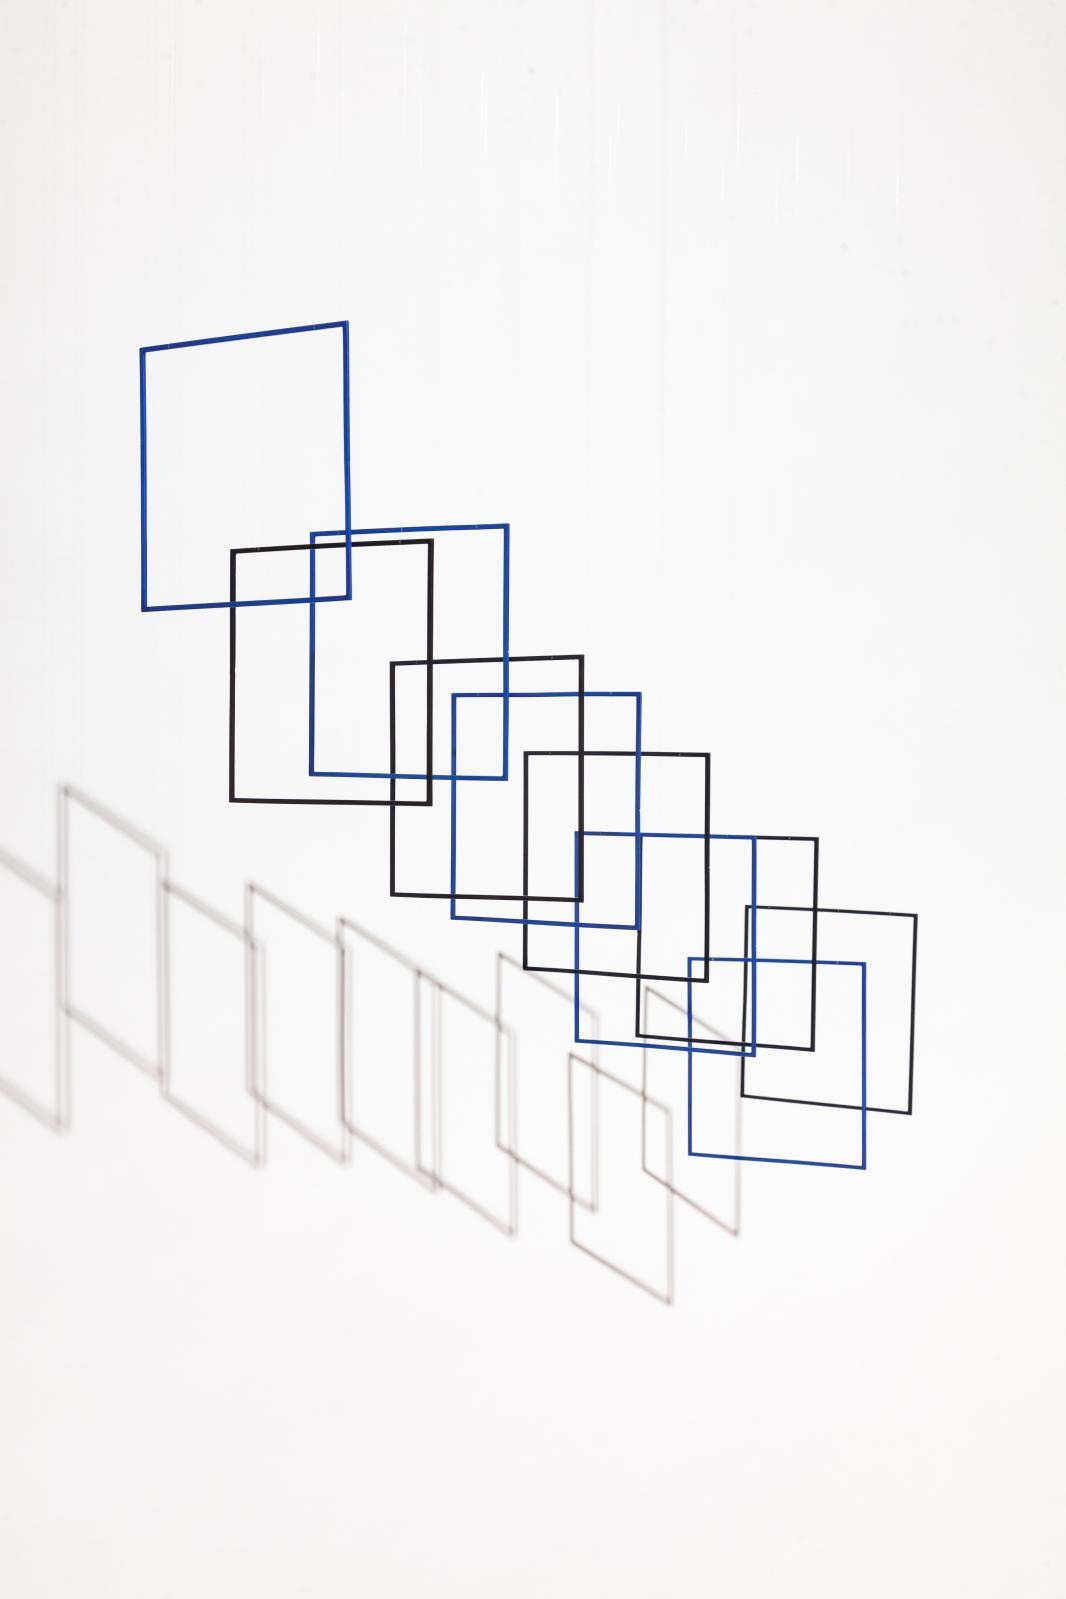 Tetralineados noir et bleu 63, 2019, aluminium peint, nylon, moteurs, ordinateur, interface électronique, 63x14,2x14,2cm. ©Elias Cre